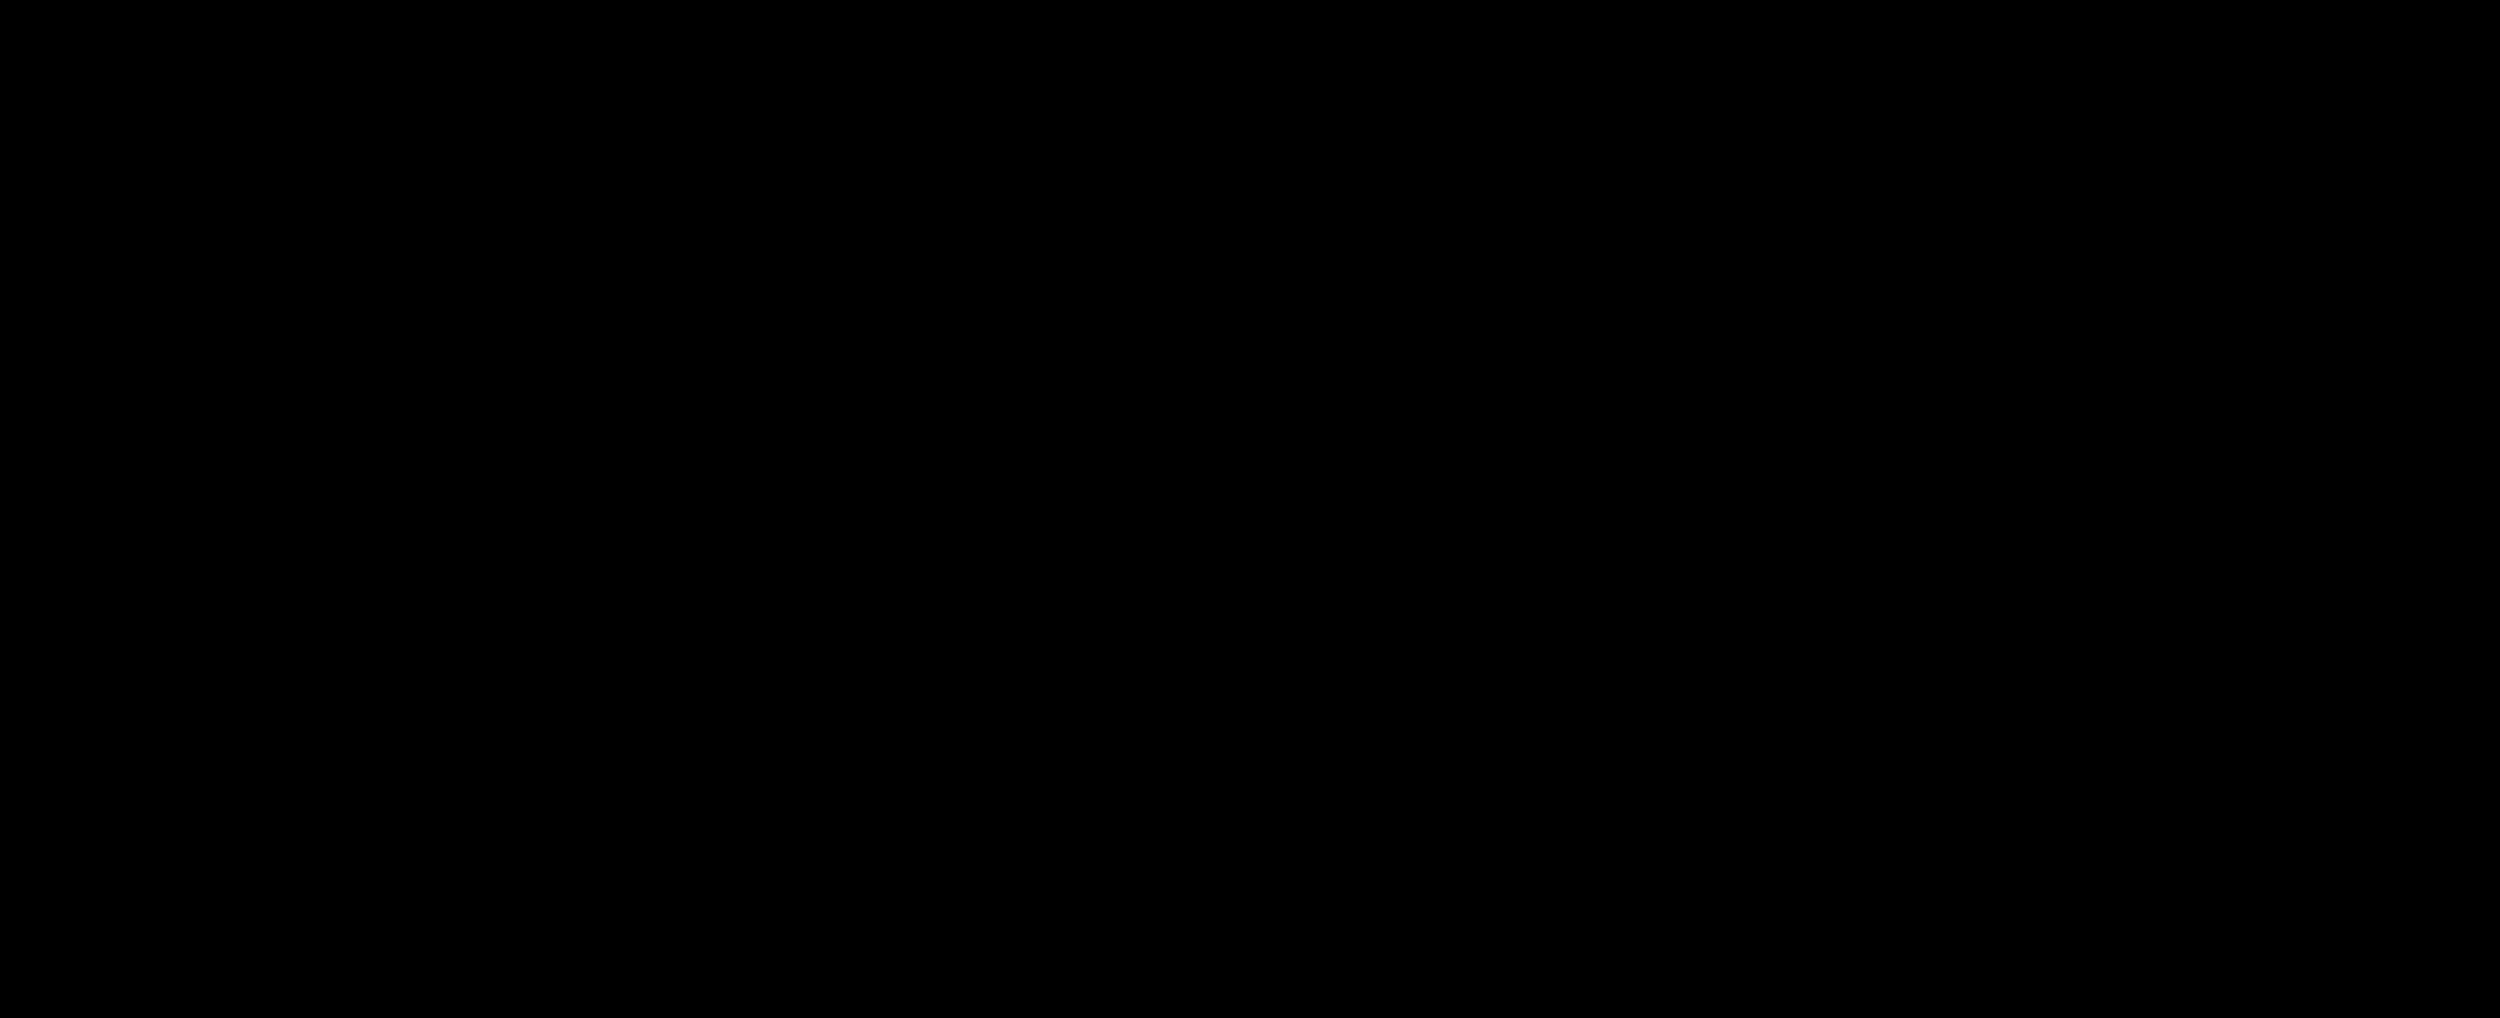 WW MDM logo.png